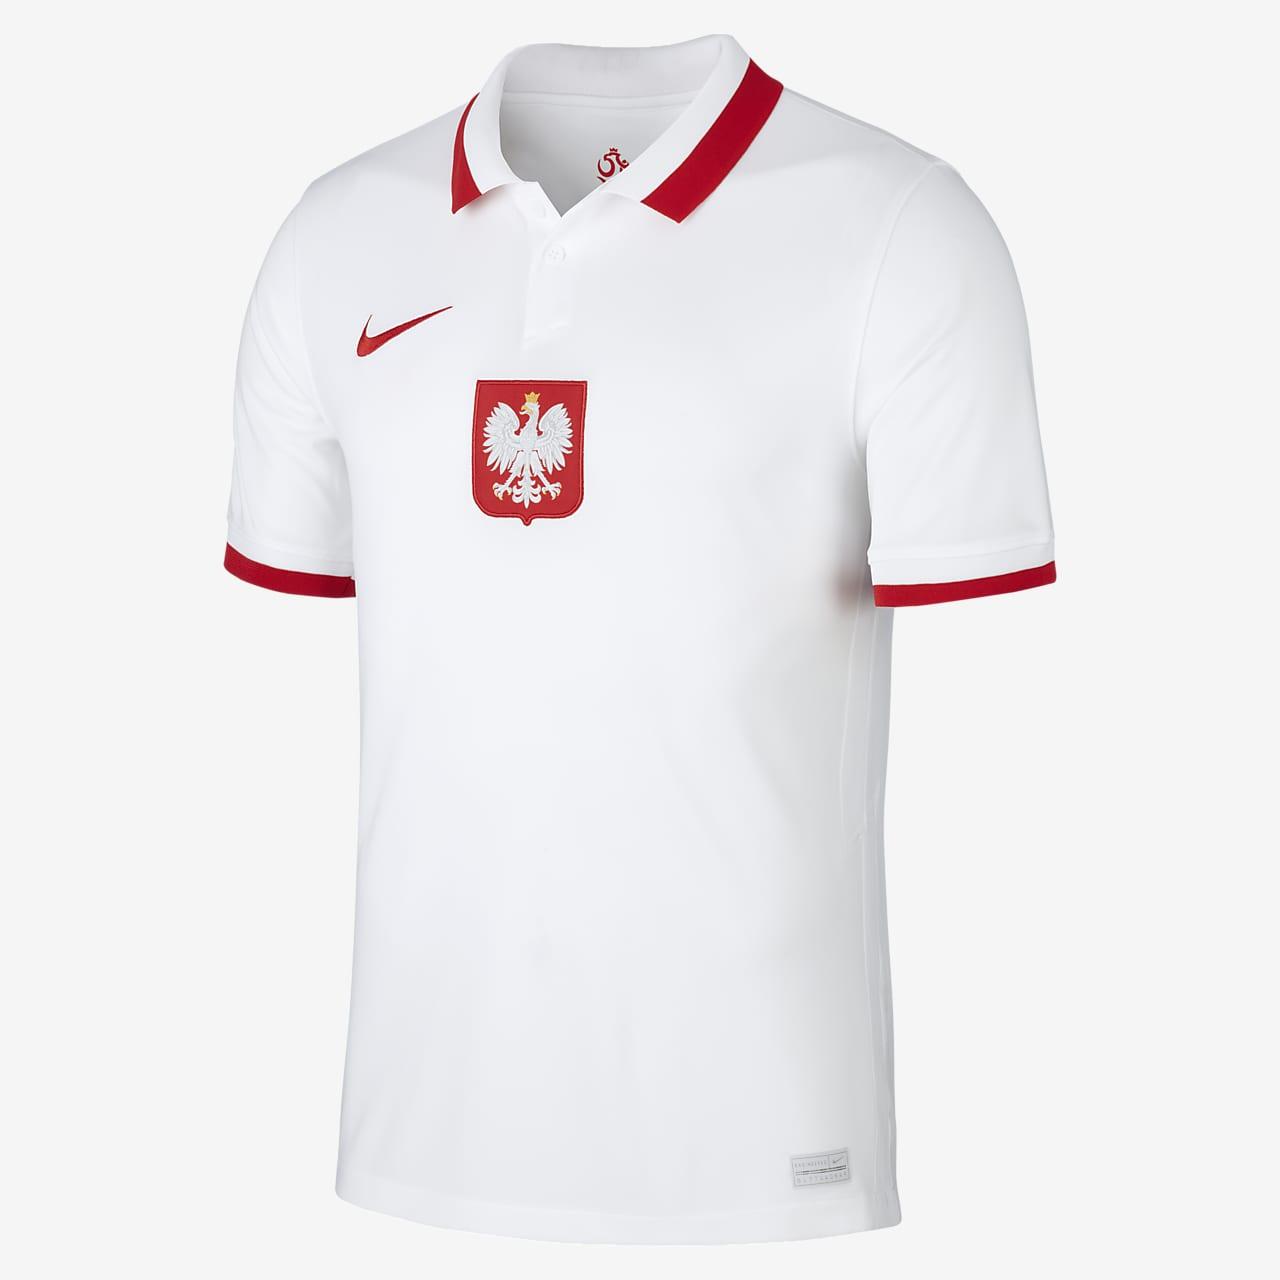 Ανδρική ποδοσφαιρική φανέλα Poland 2020 Stadium Home